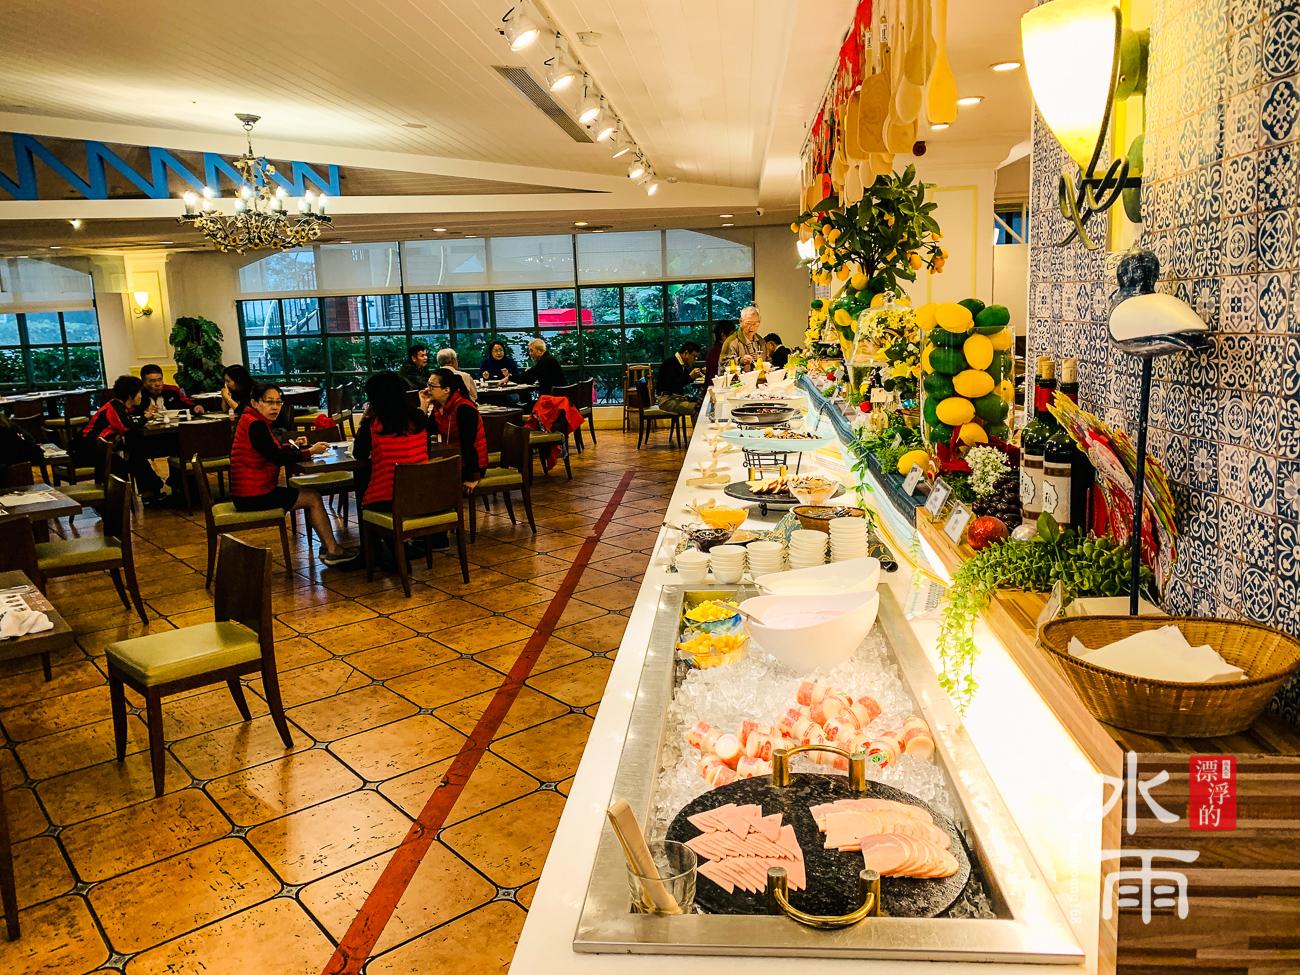 陽明山天籟溫泉會館|早餐菜色供餐檯全景